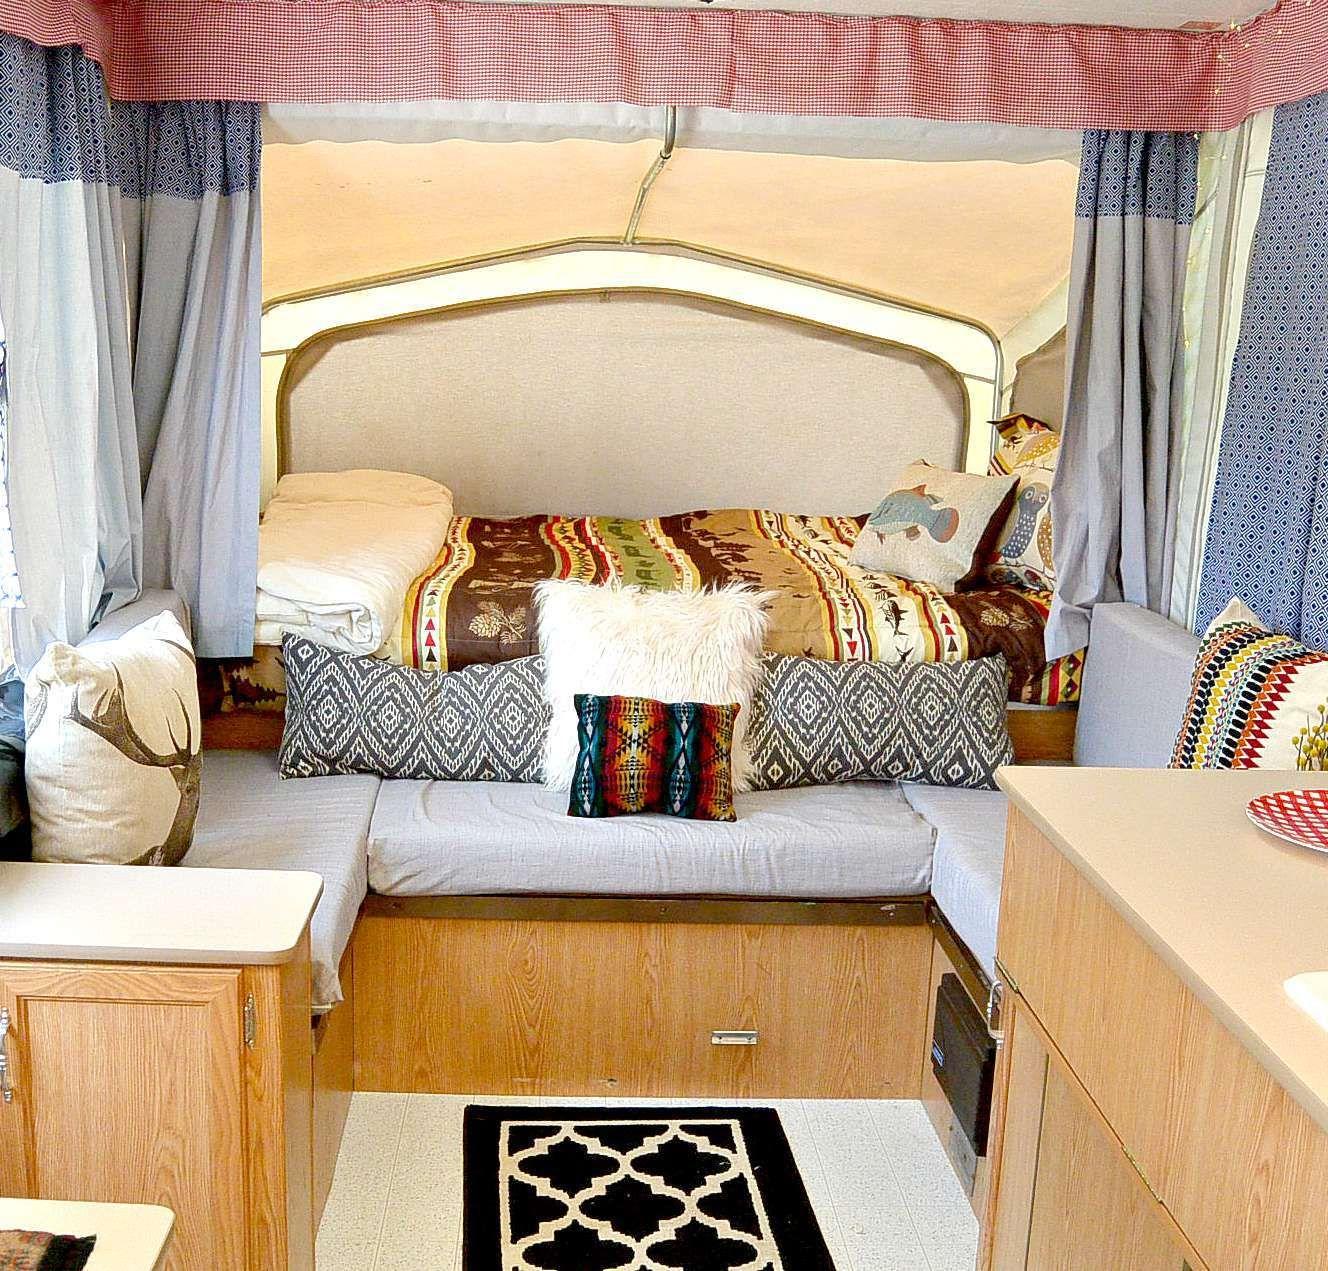 Popup Camper Remodel | Campers | Pinterest | Oak cabinets